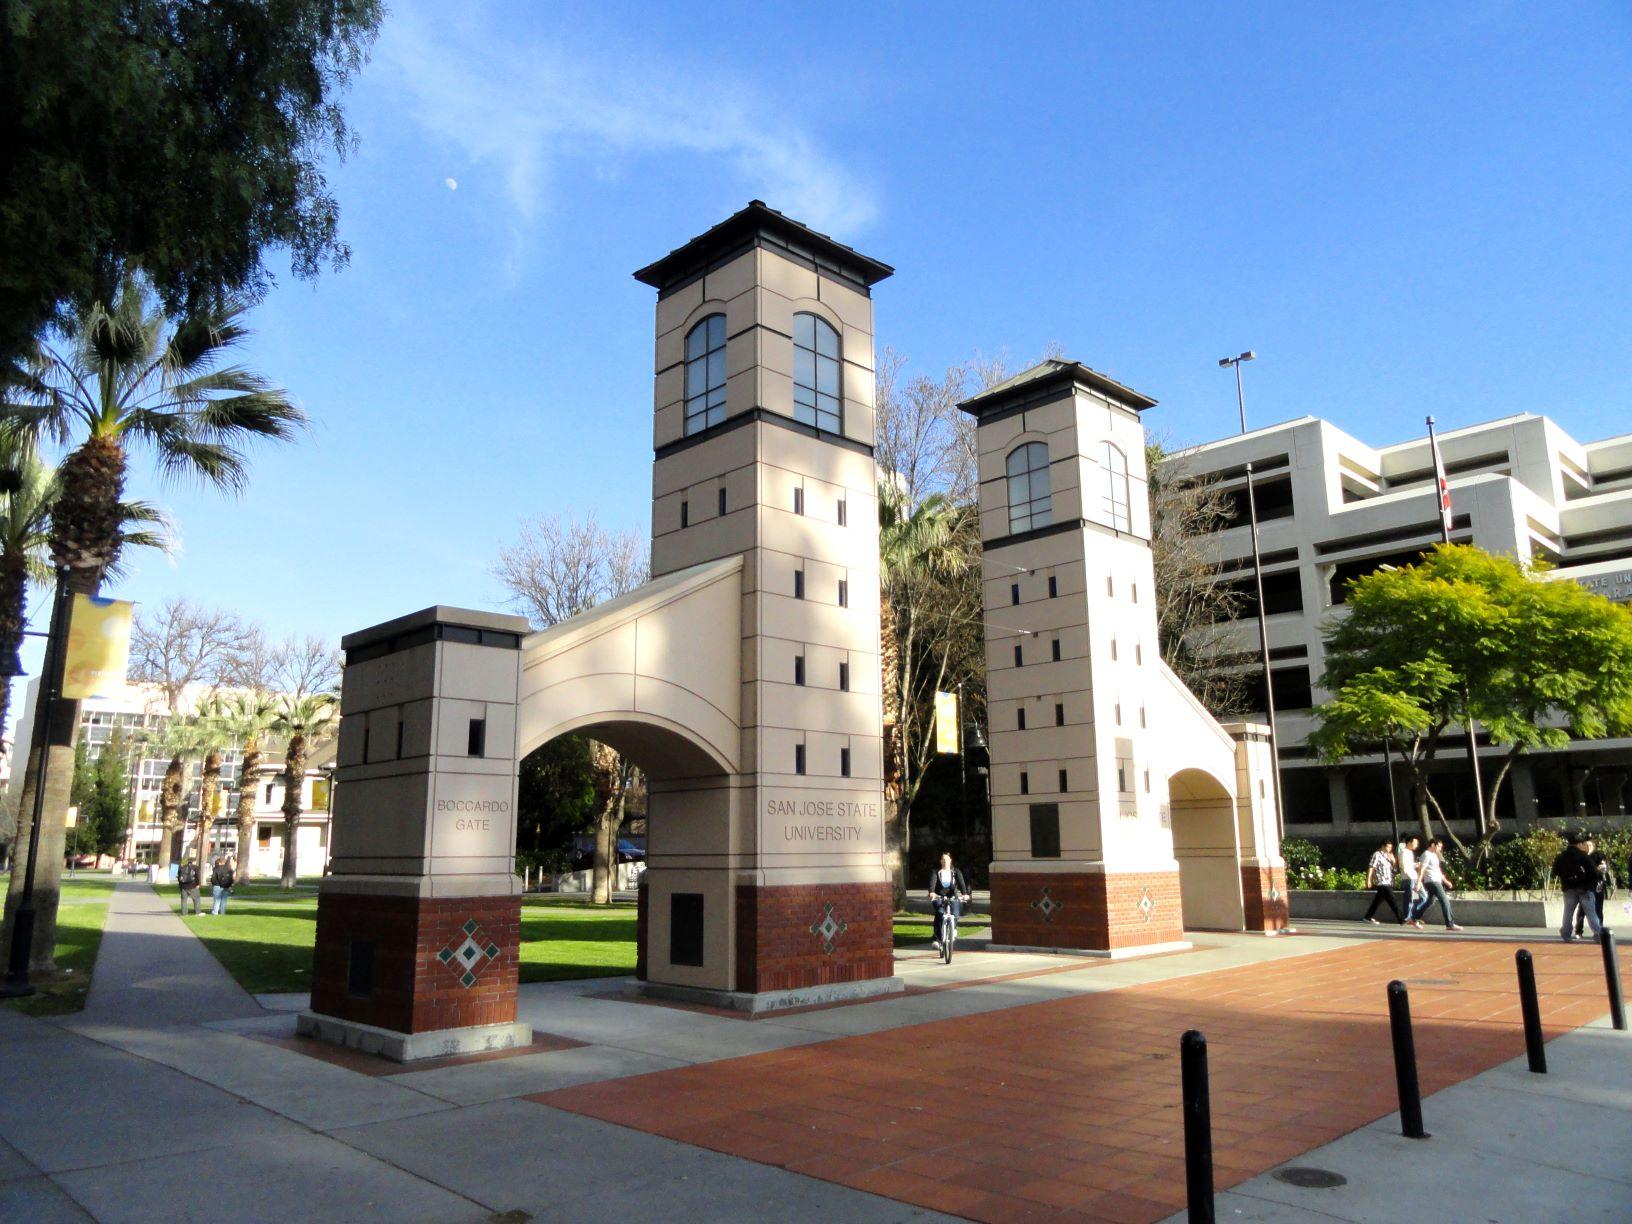 圣何塞州立大学导览 - 我们将参加由目前就读大学的学生带领的1小时校园之旅。